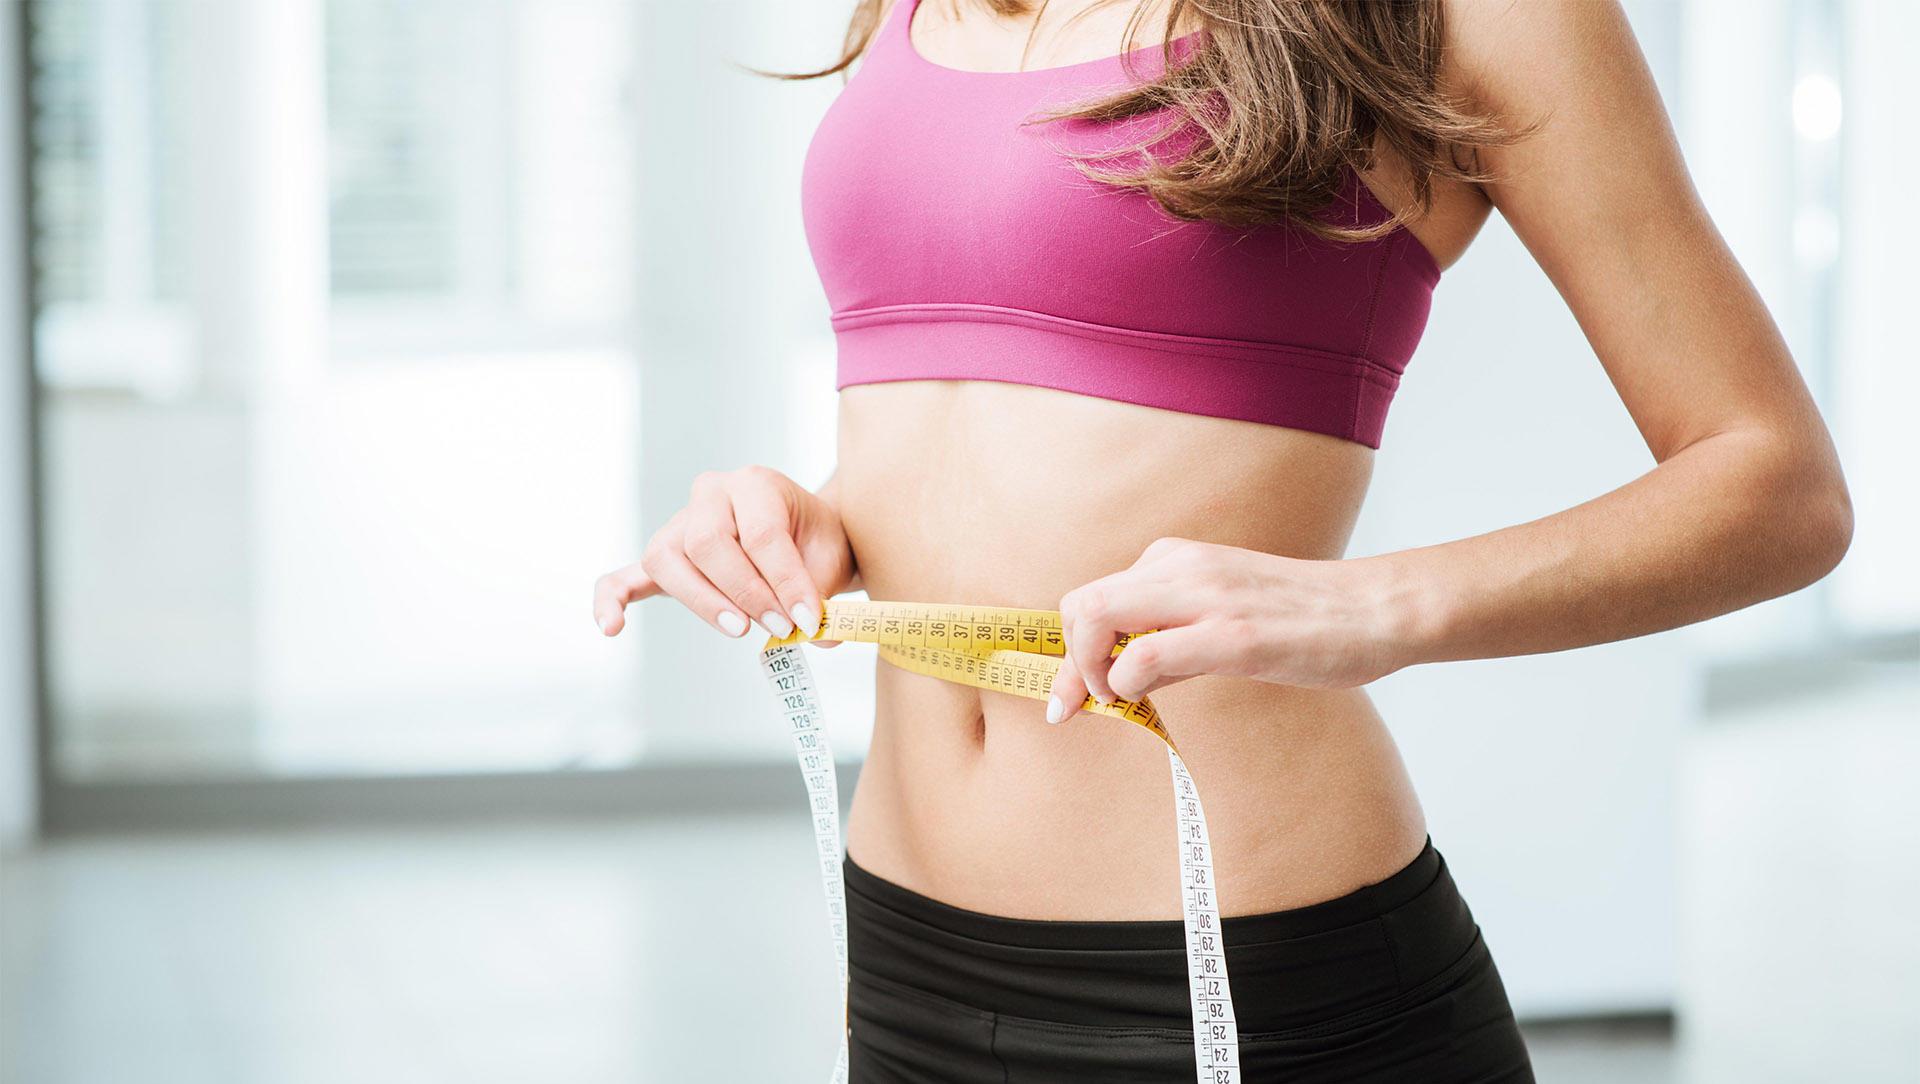 Ютуб о похудении